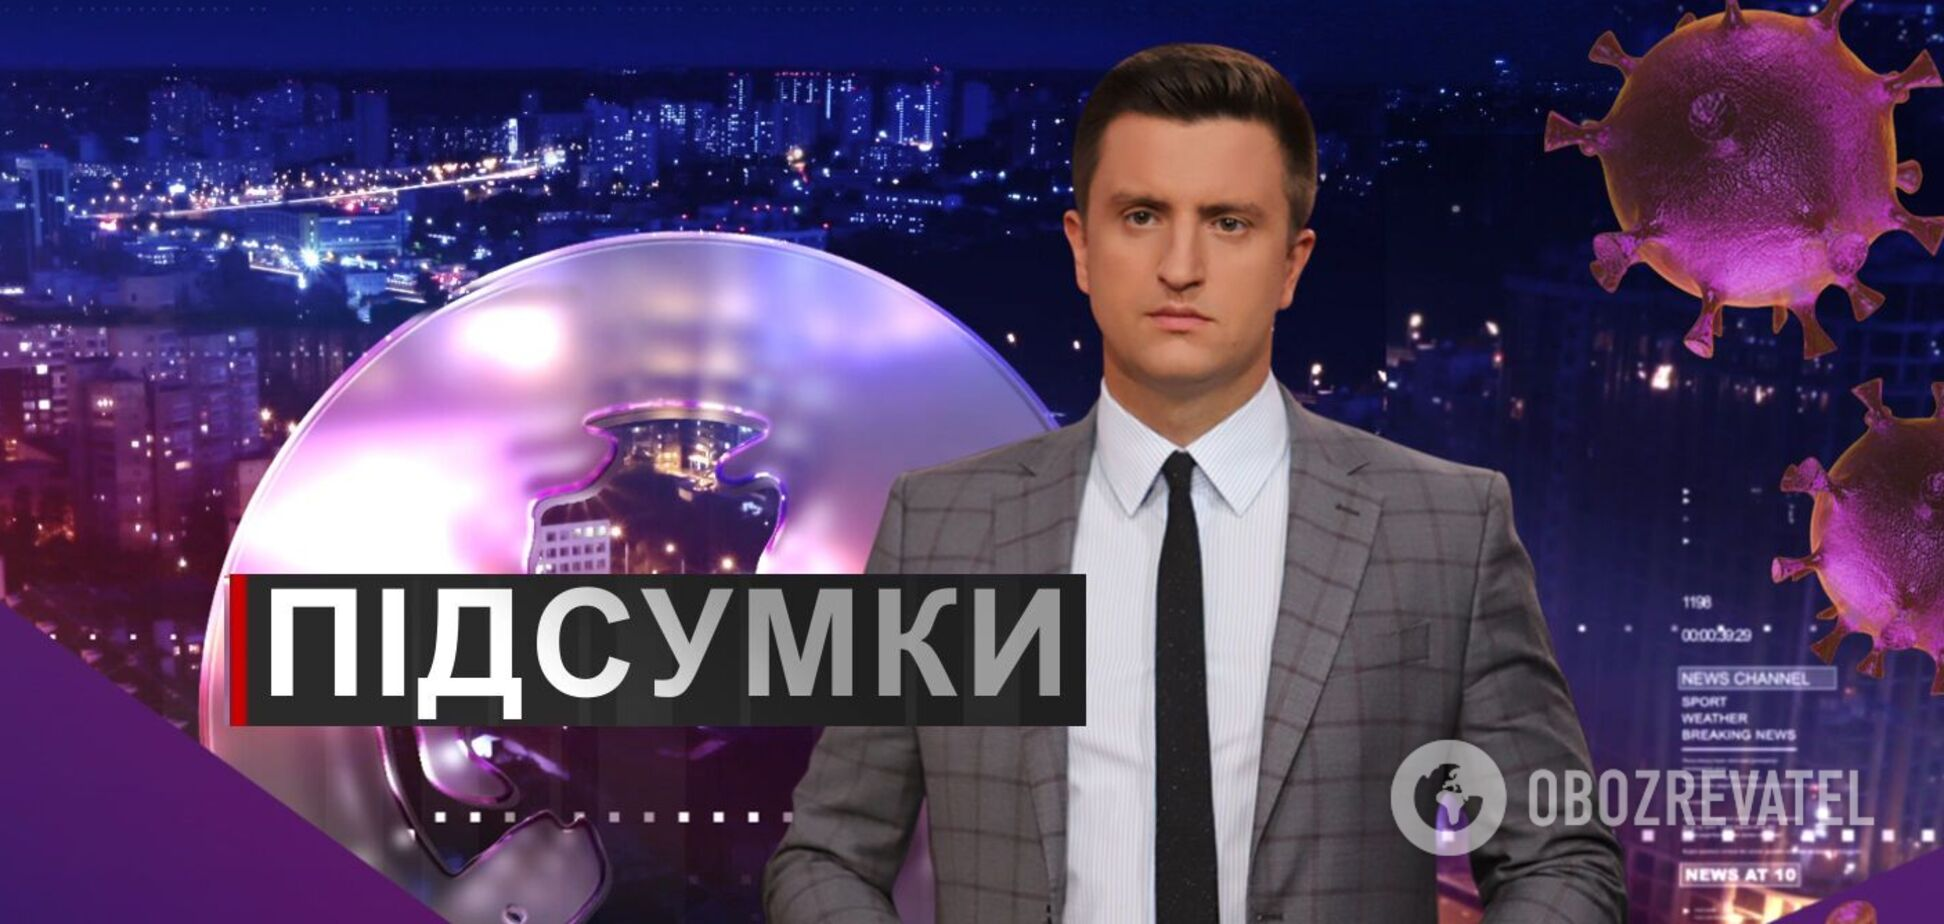 Підсумки дня з Вадимом Колодійчуком. Вівторок, 3 листопада